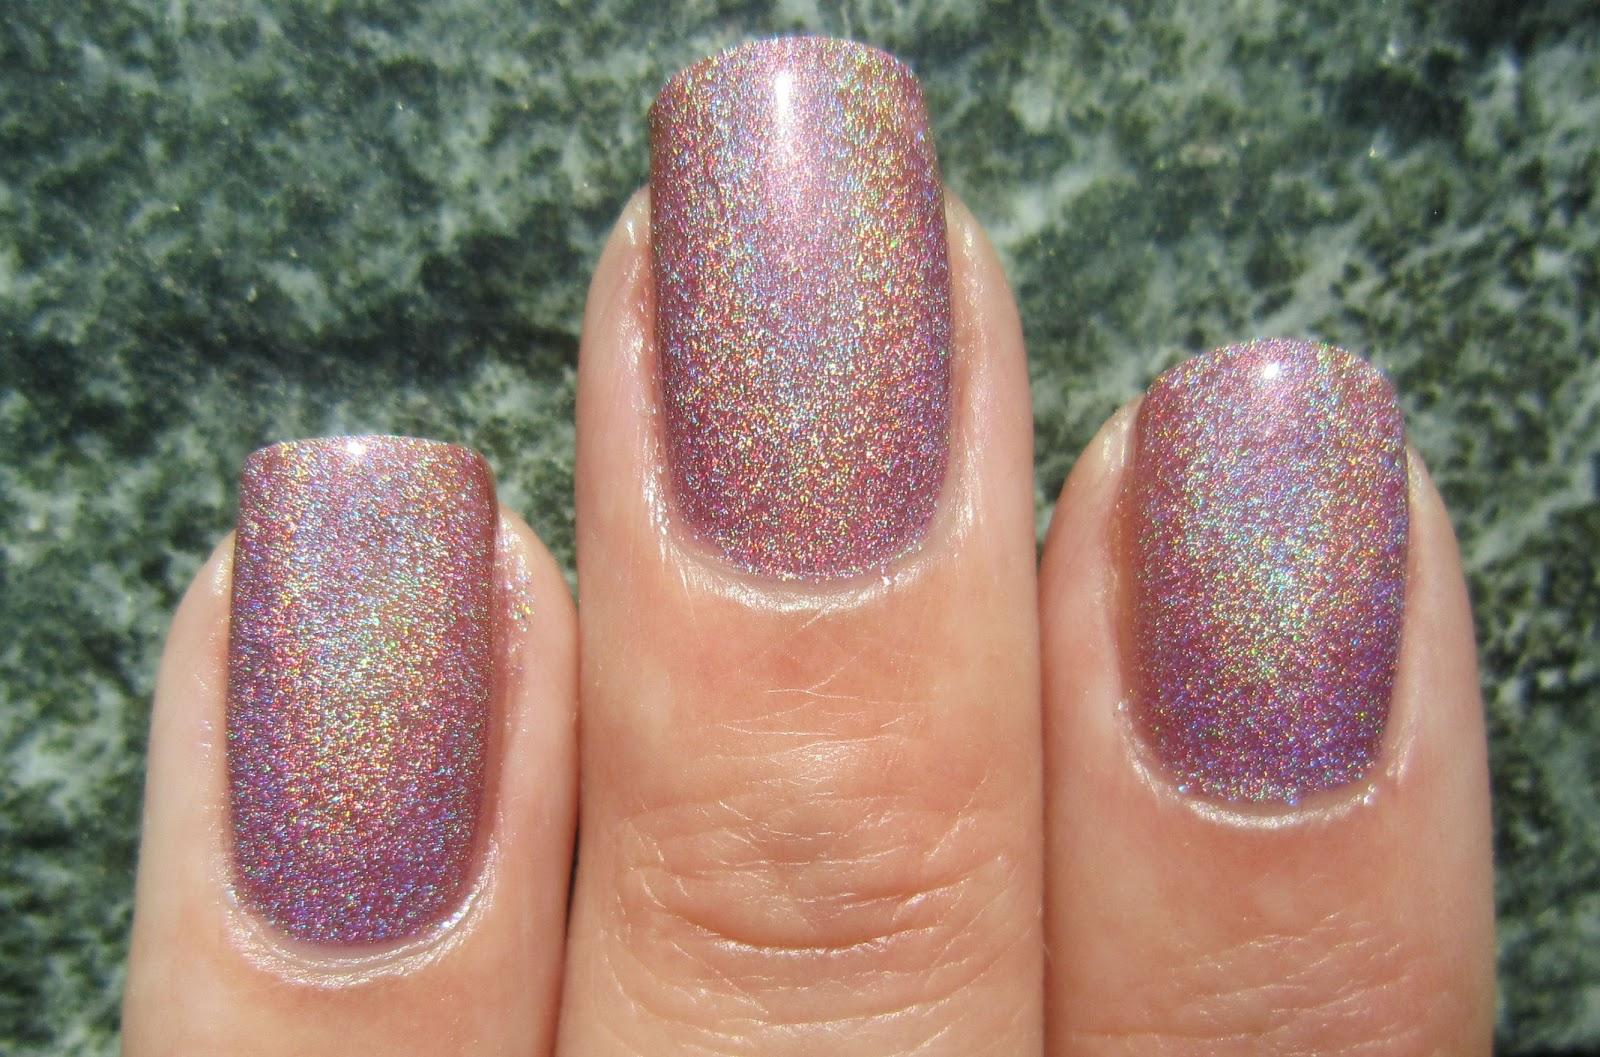 http://4.bp.blogspot.com/-5Ie6zEpLB2k/UA_BHsP8GSI/AAAAAAAAG0E/keMcZXfVcBo/s1600/Depend+2028+Heather+Pink+034.jpg